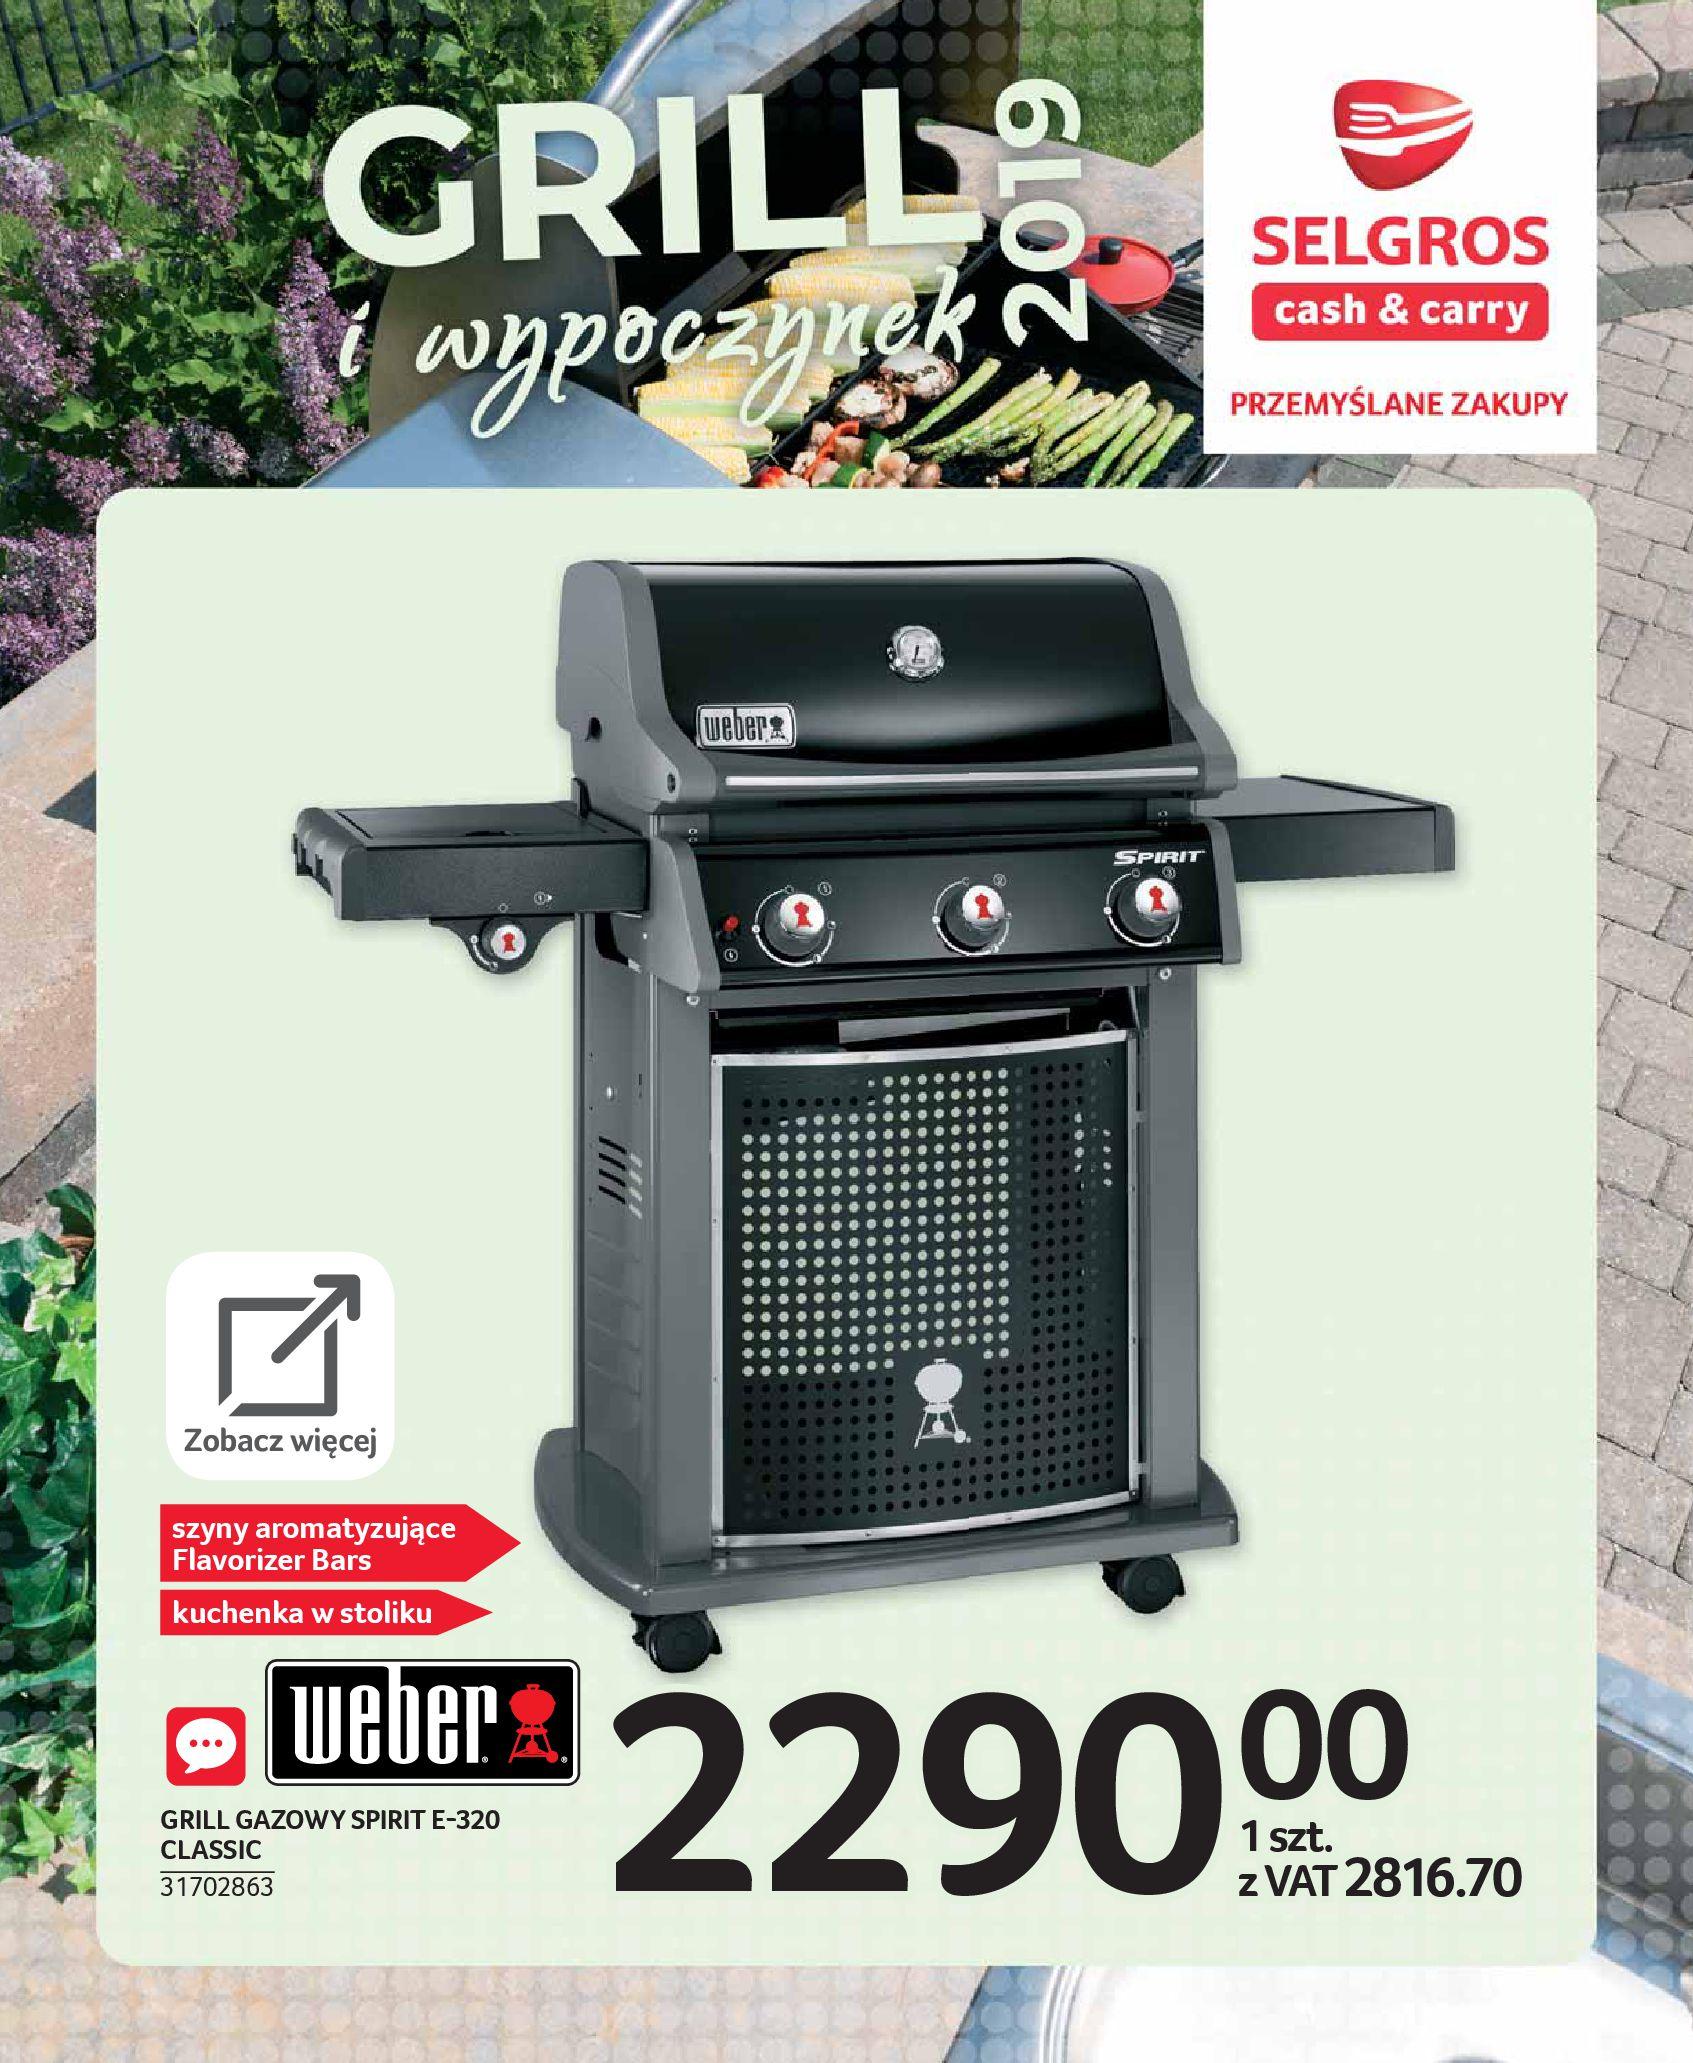 Gazetka Selgros - E - katalog grill wypoczynek-08.05.2019-22.05.2019-page-